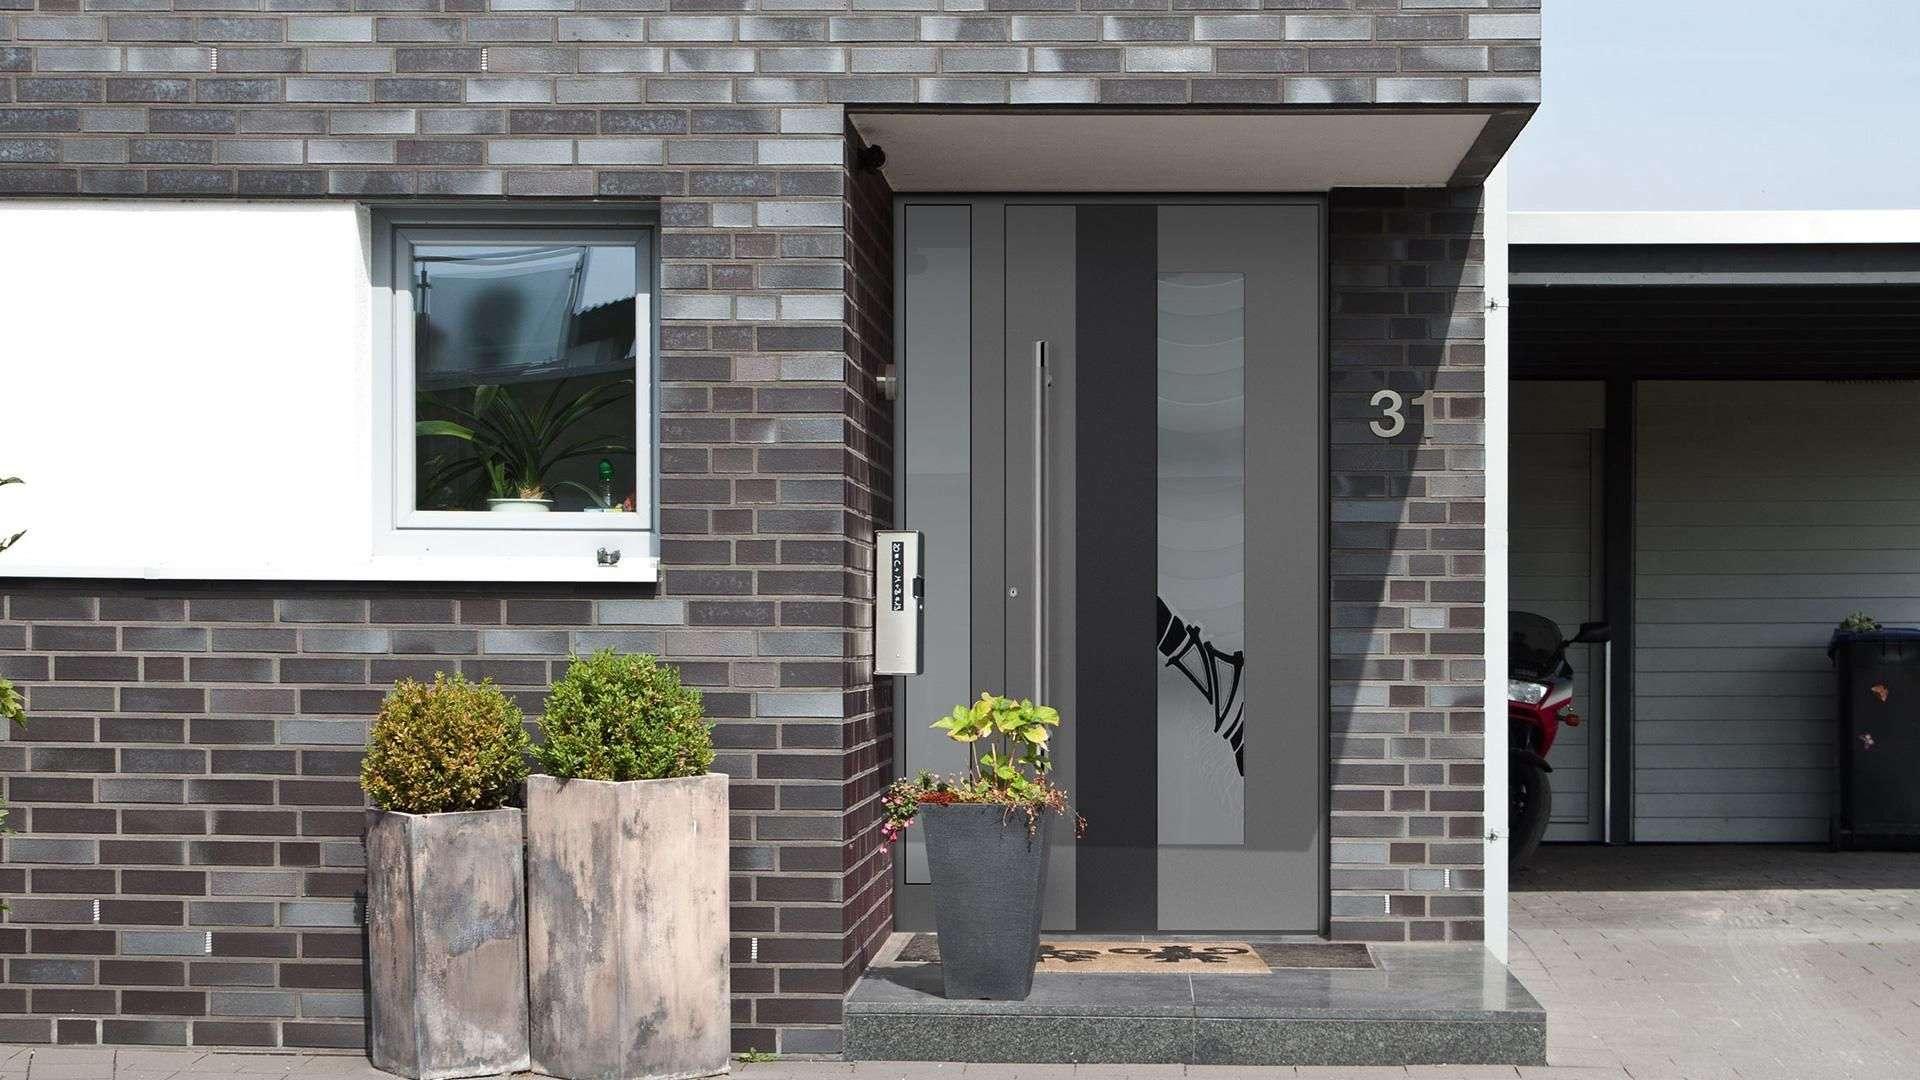 Graue Haustür im grauen Ziegelsteinhaus